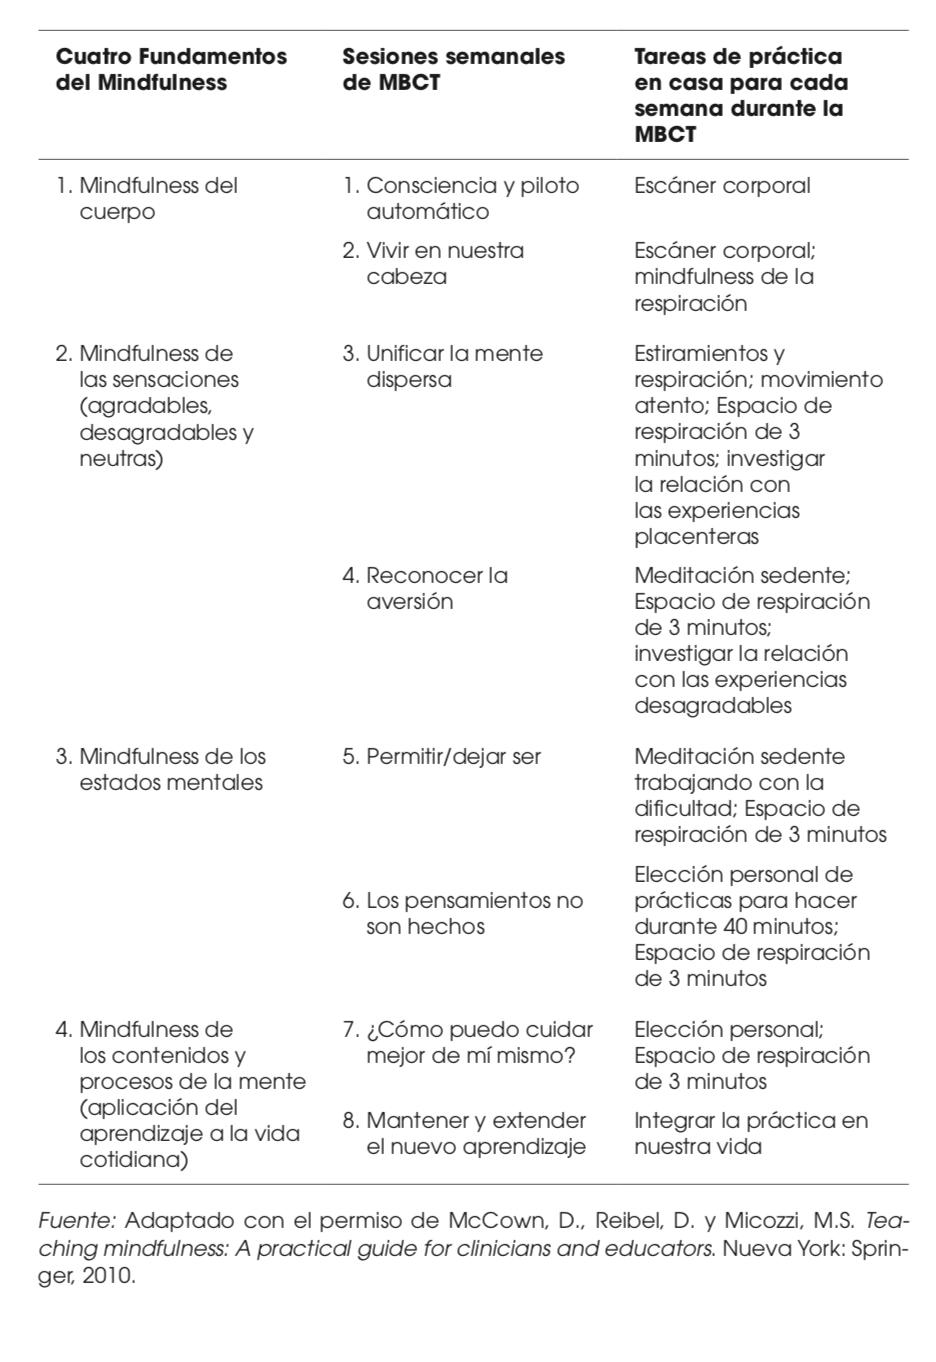 Mapa de las Cuatro Fundamentos del Mindfulness en el marco del programa de MBCT.